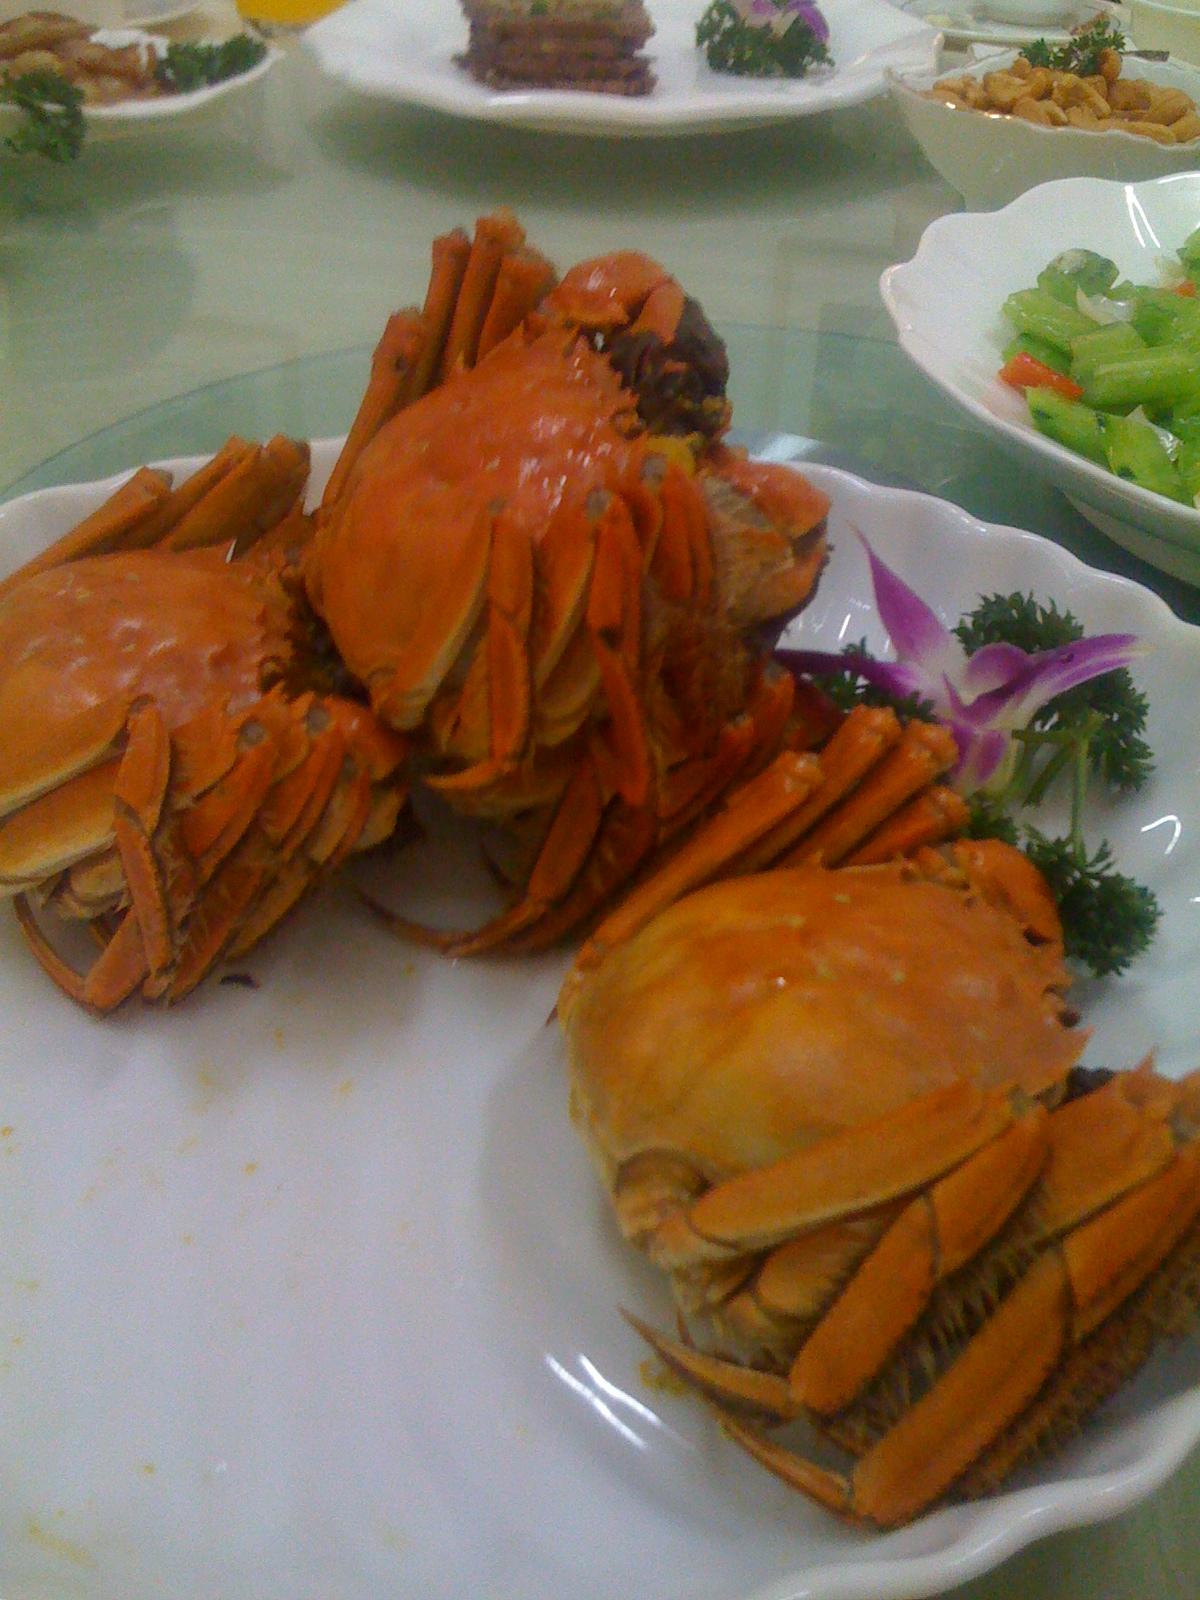 Chiny, kuchnia chińska, jedzenie w Chinach, kraby, kraby w Chinach, kraby w rękawiczkach, Ma